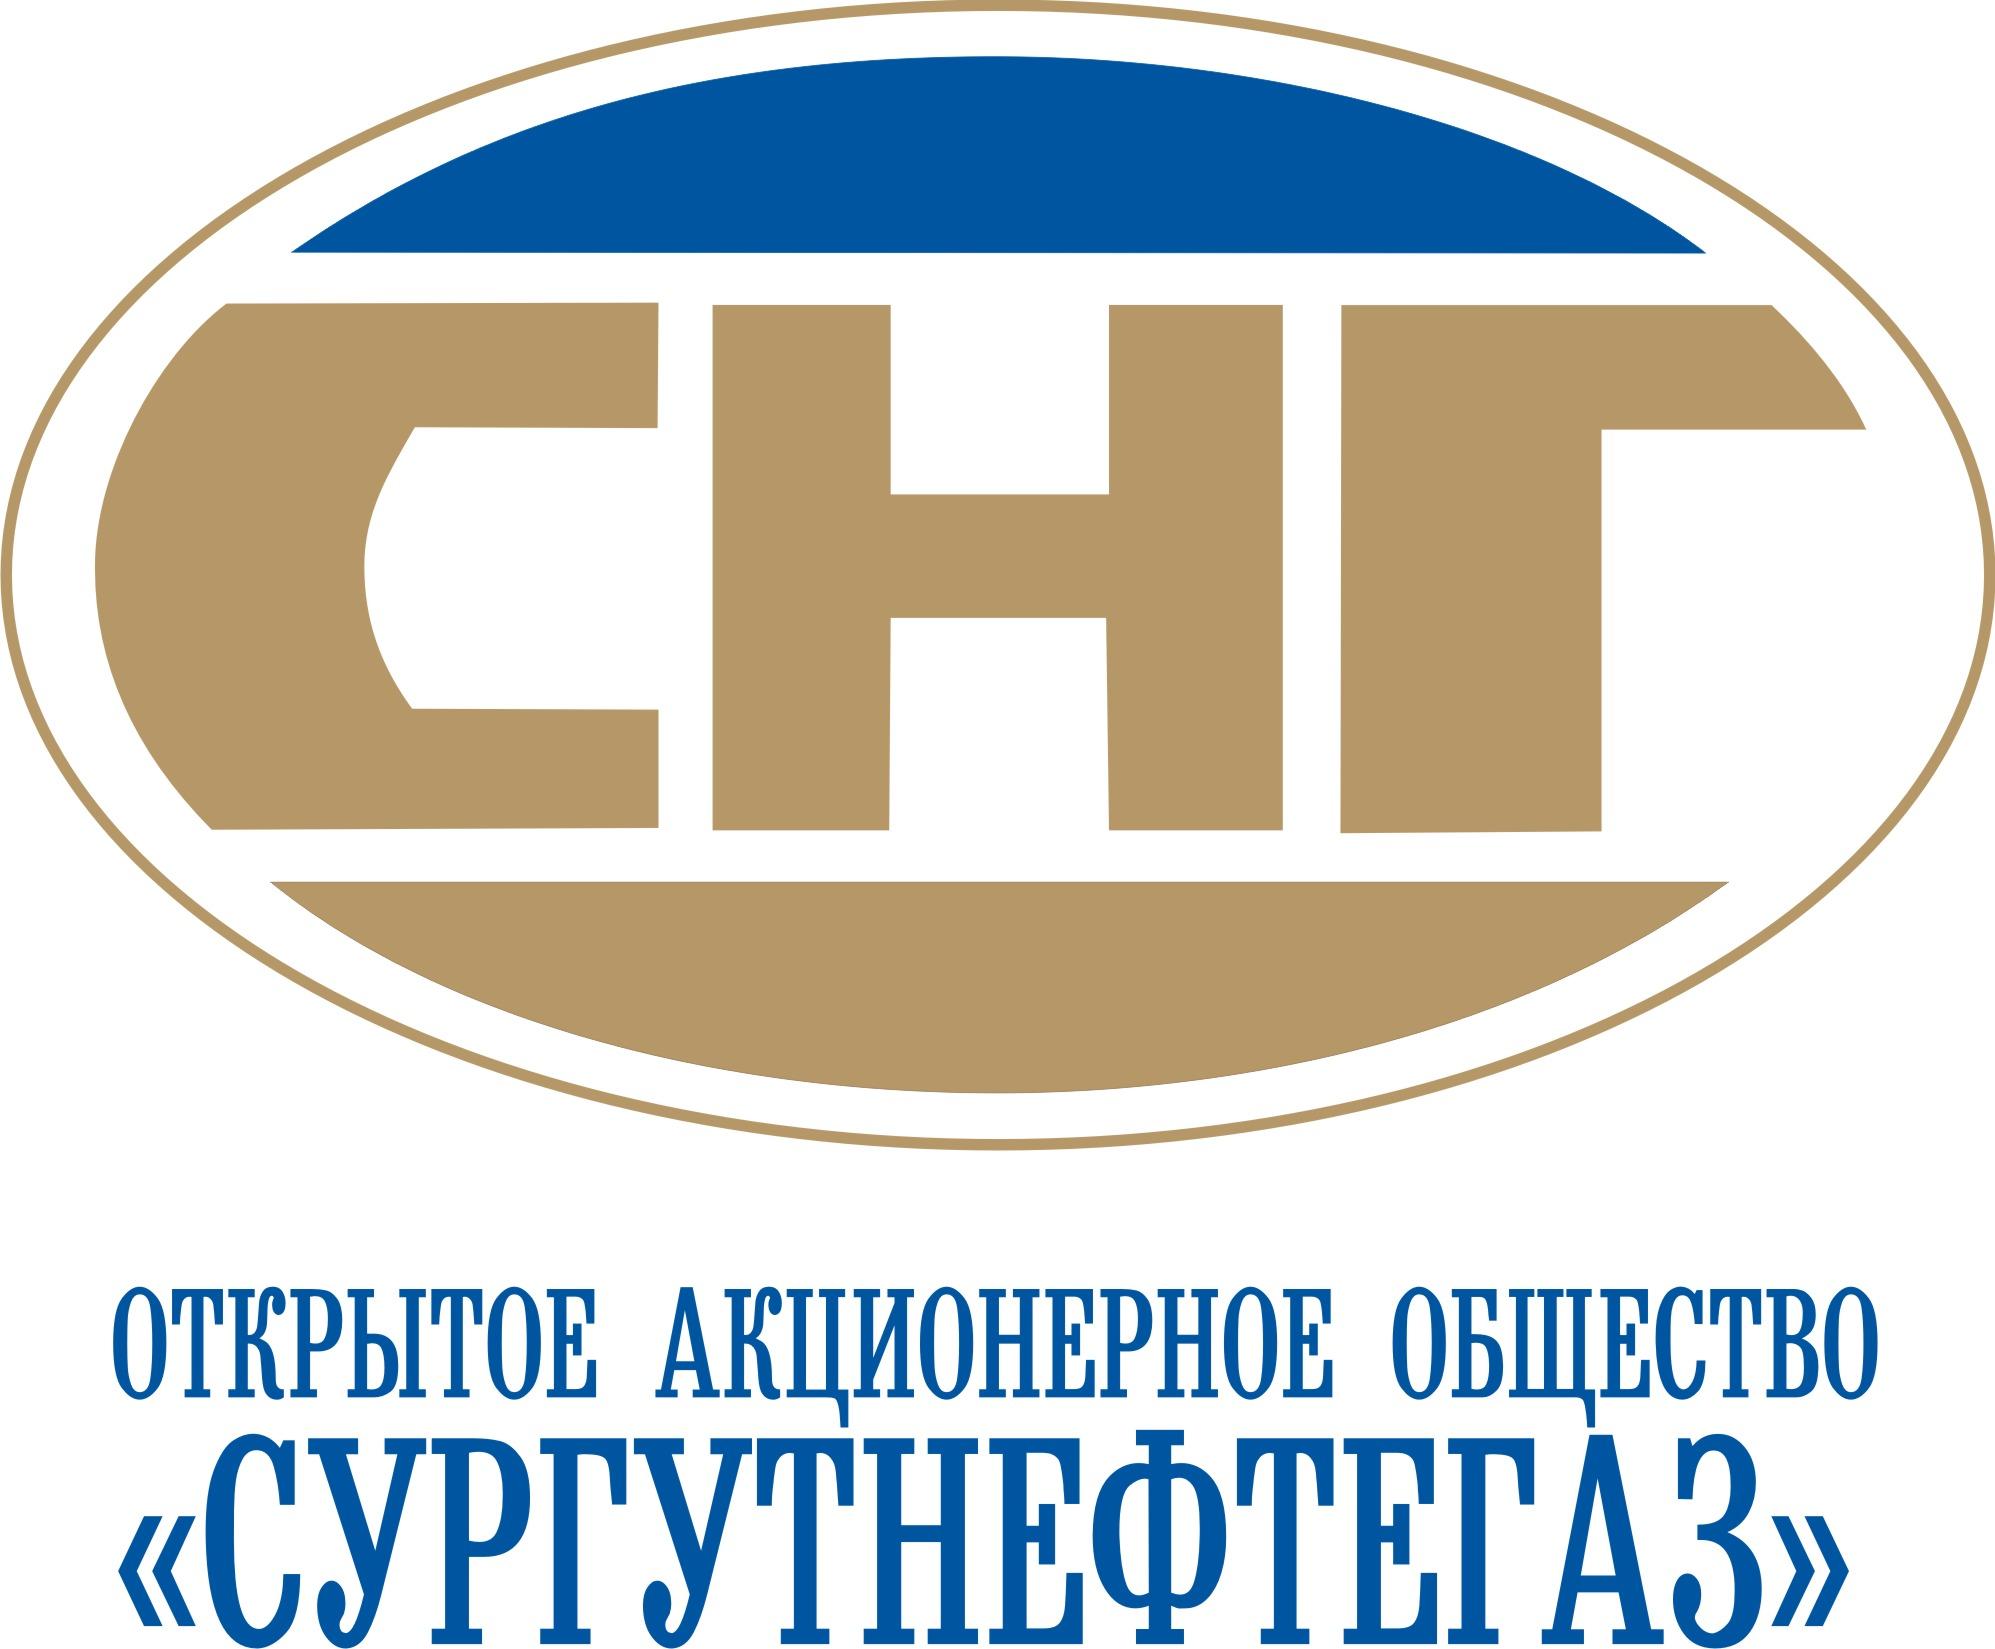 Сургутнефтегаз добыл 56 млн т нефти за 11 месяцев 2014 г